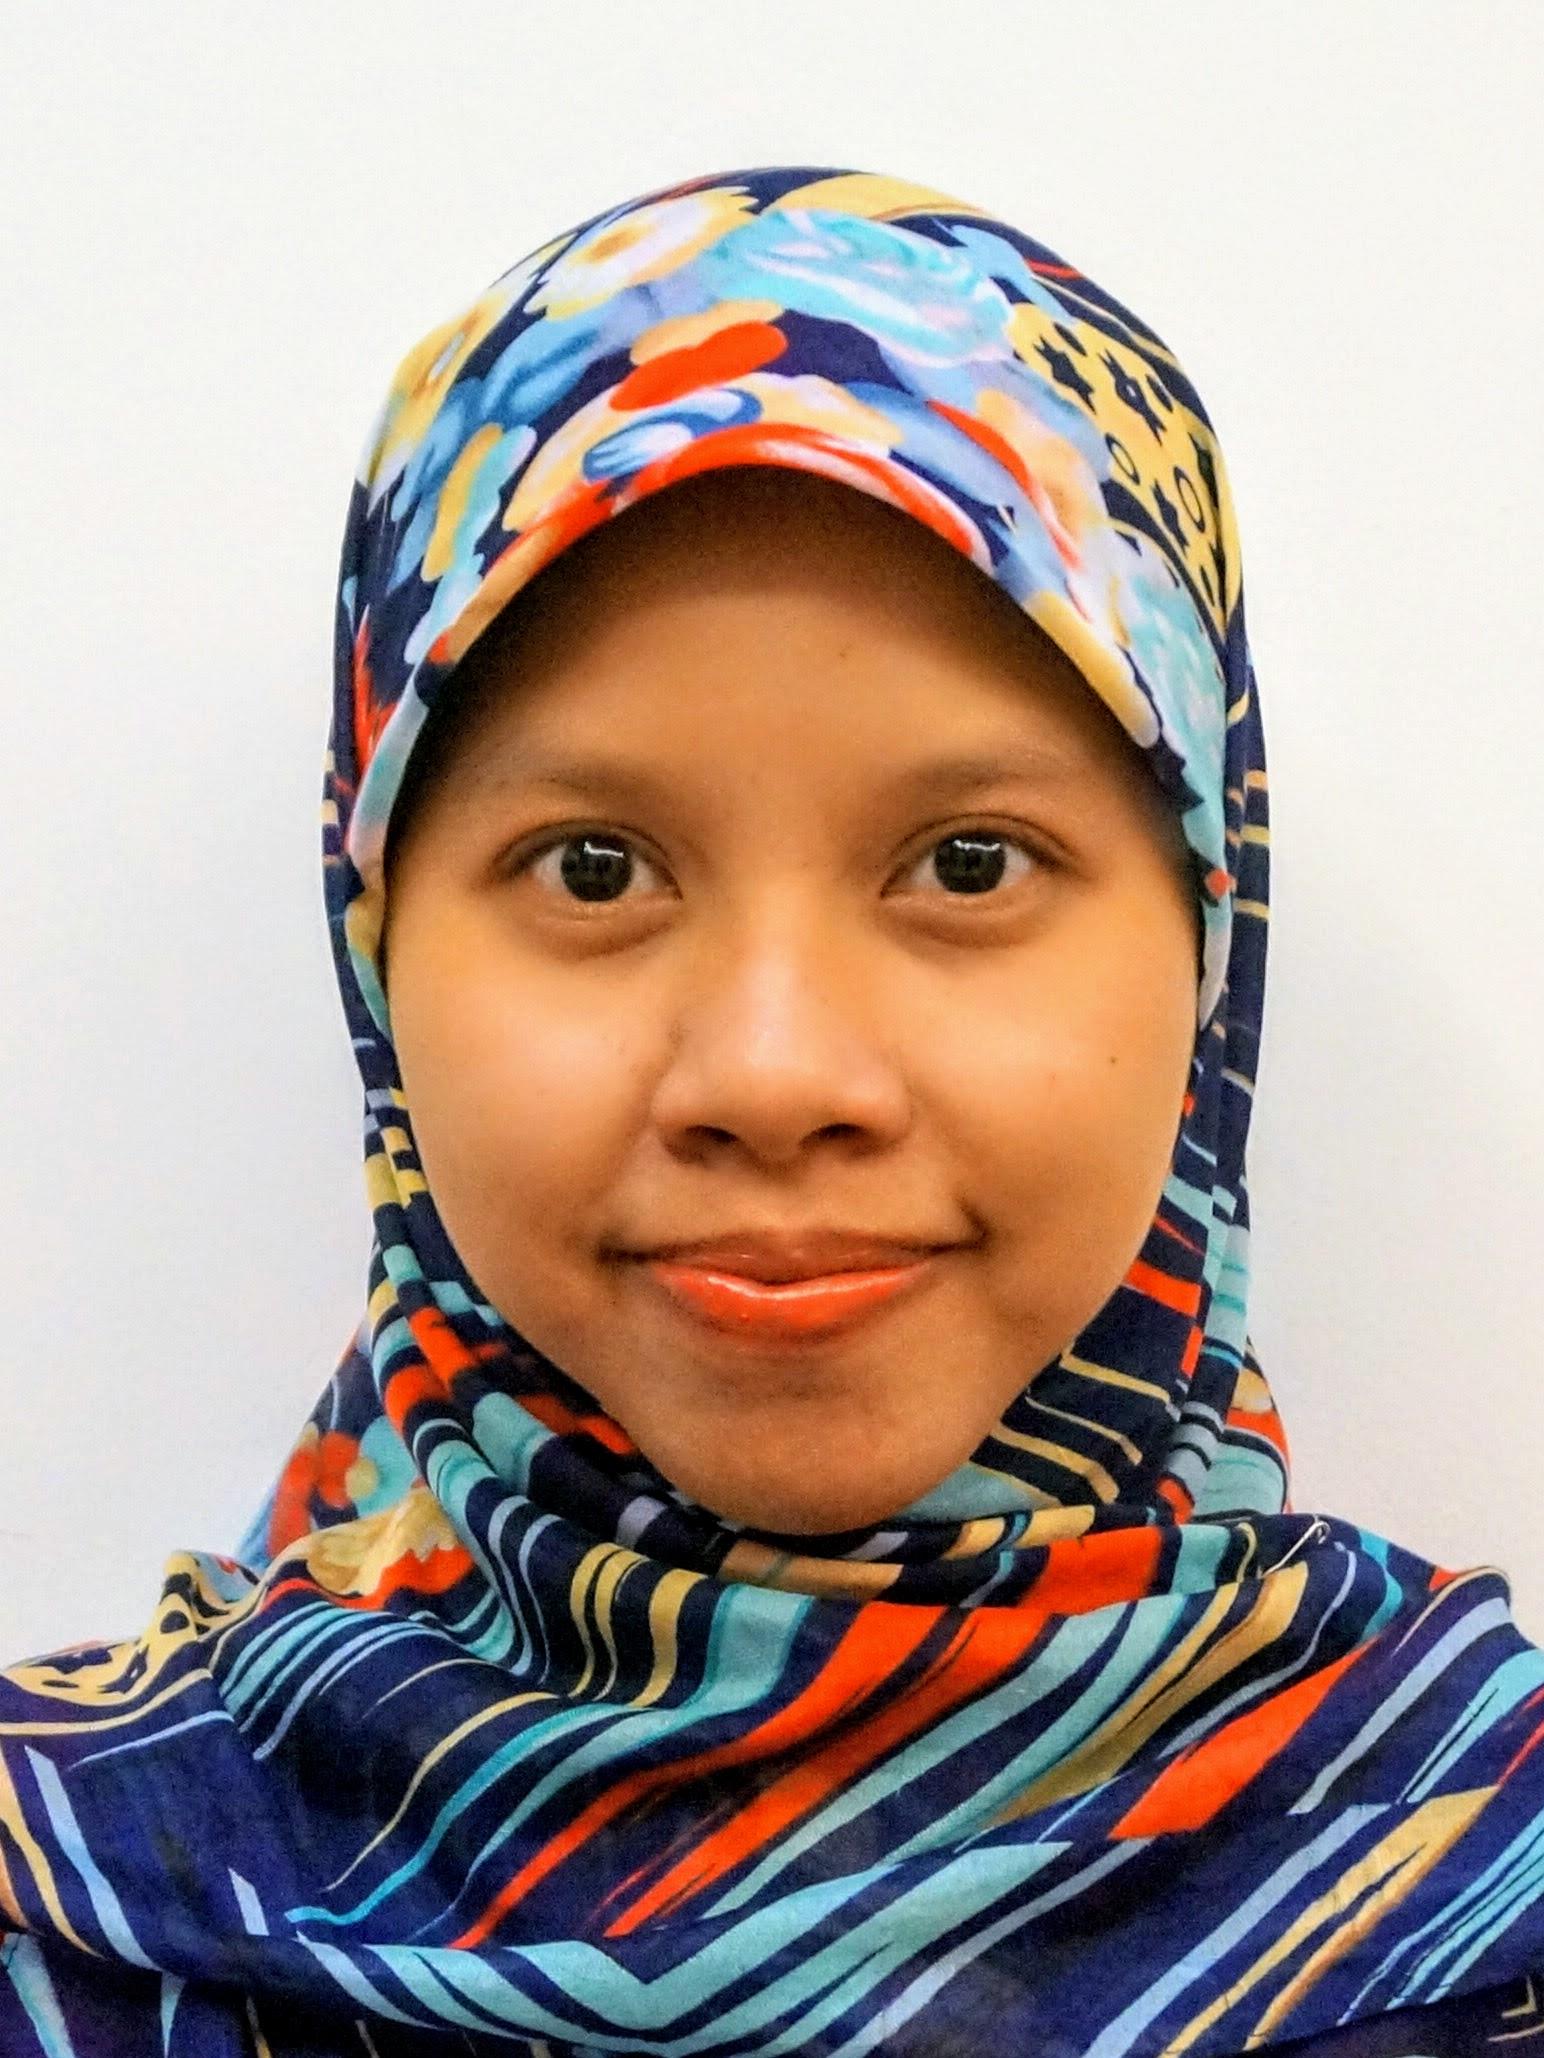 Indri Rizkina Hapsari